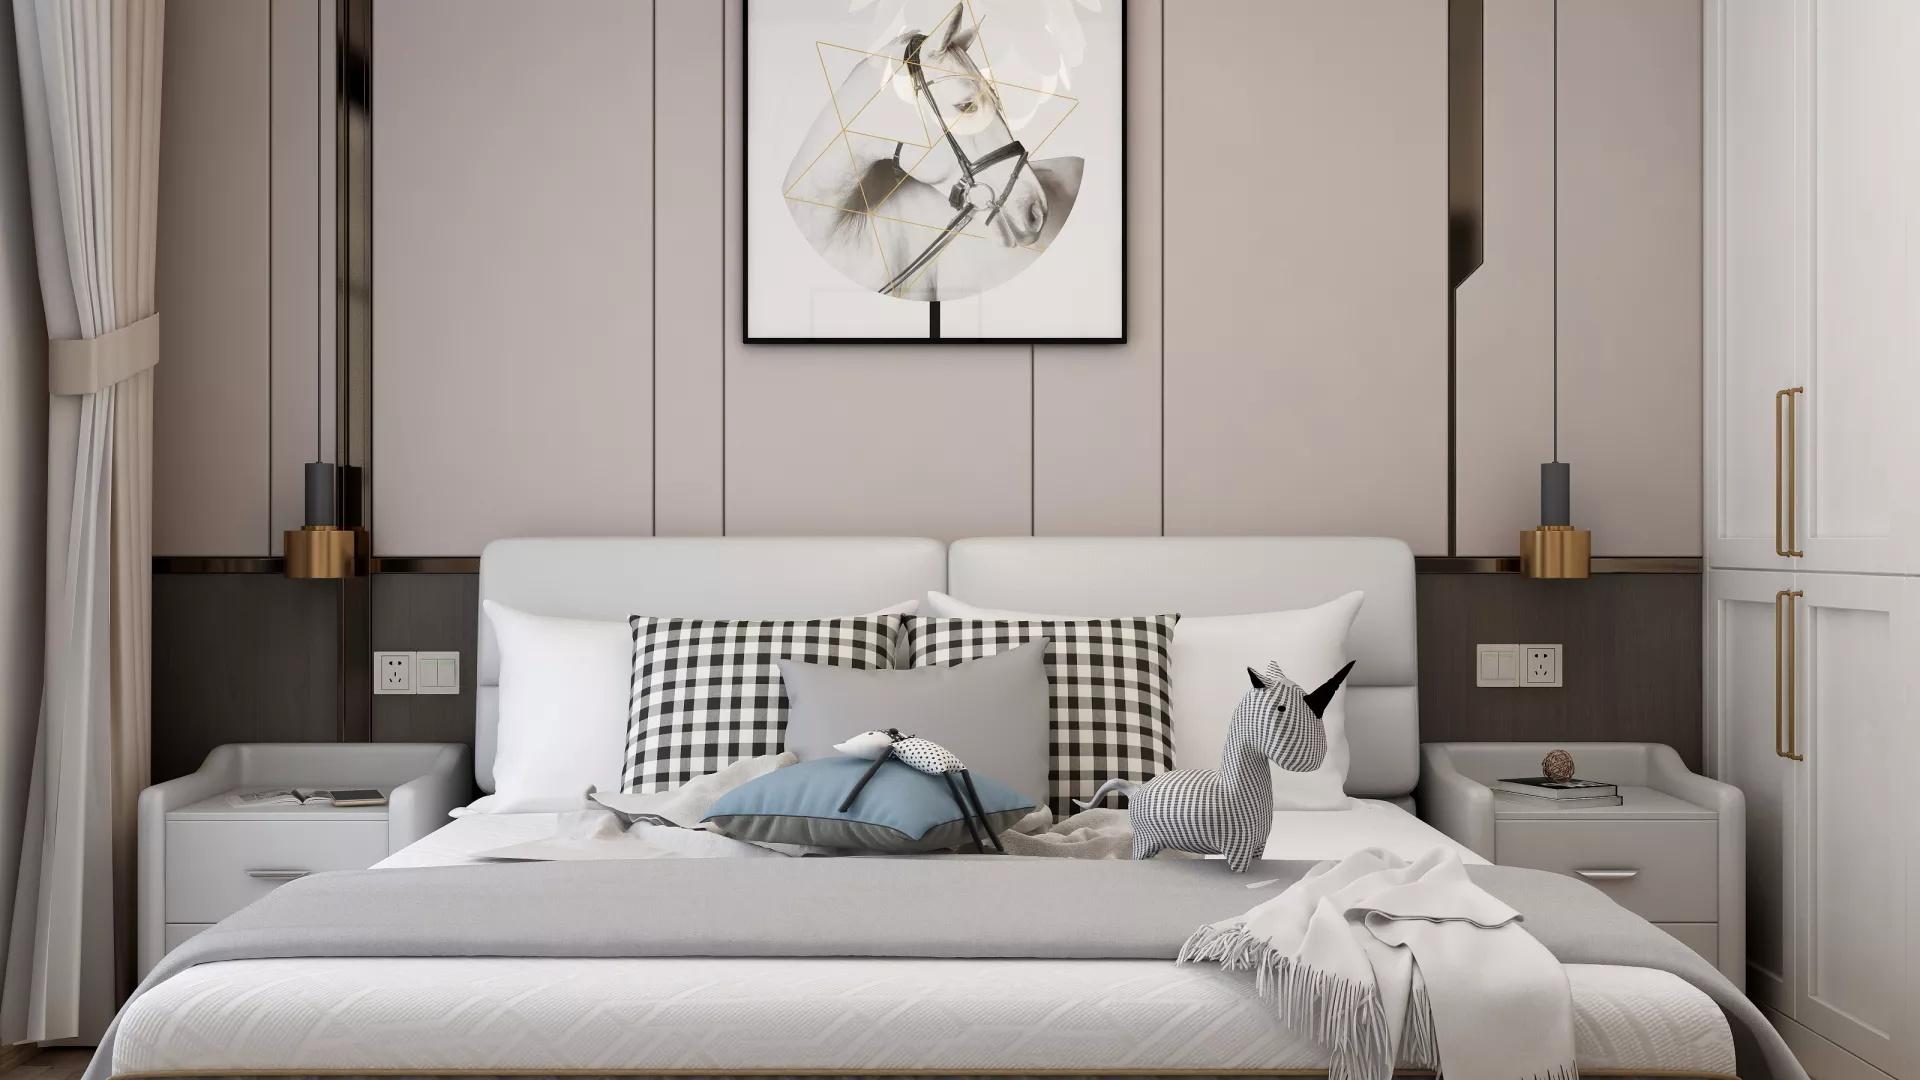 卧室电视柜高度多少合适?卧室电视柜尺寸高度